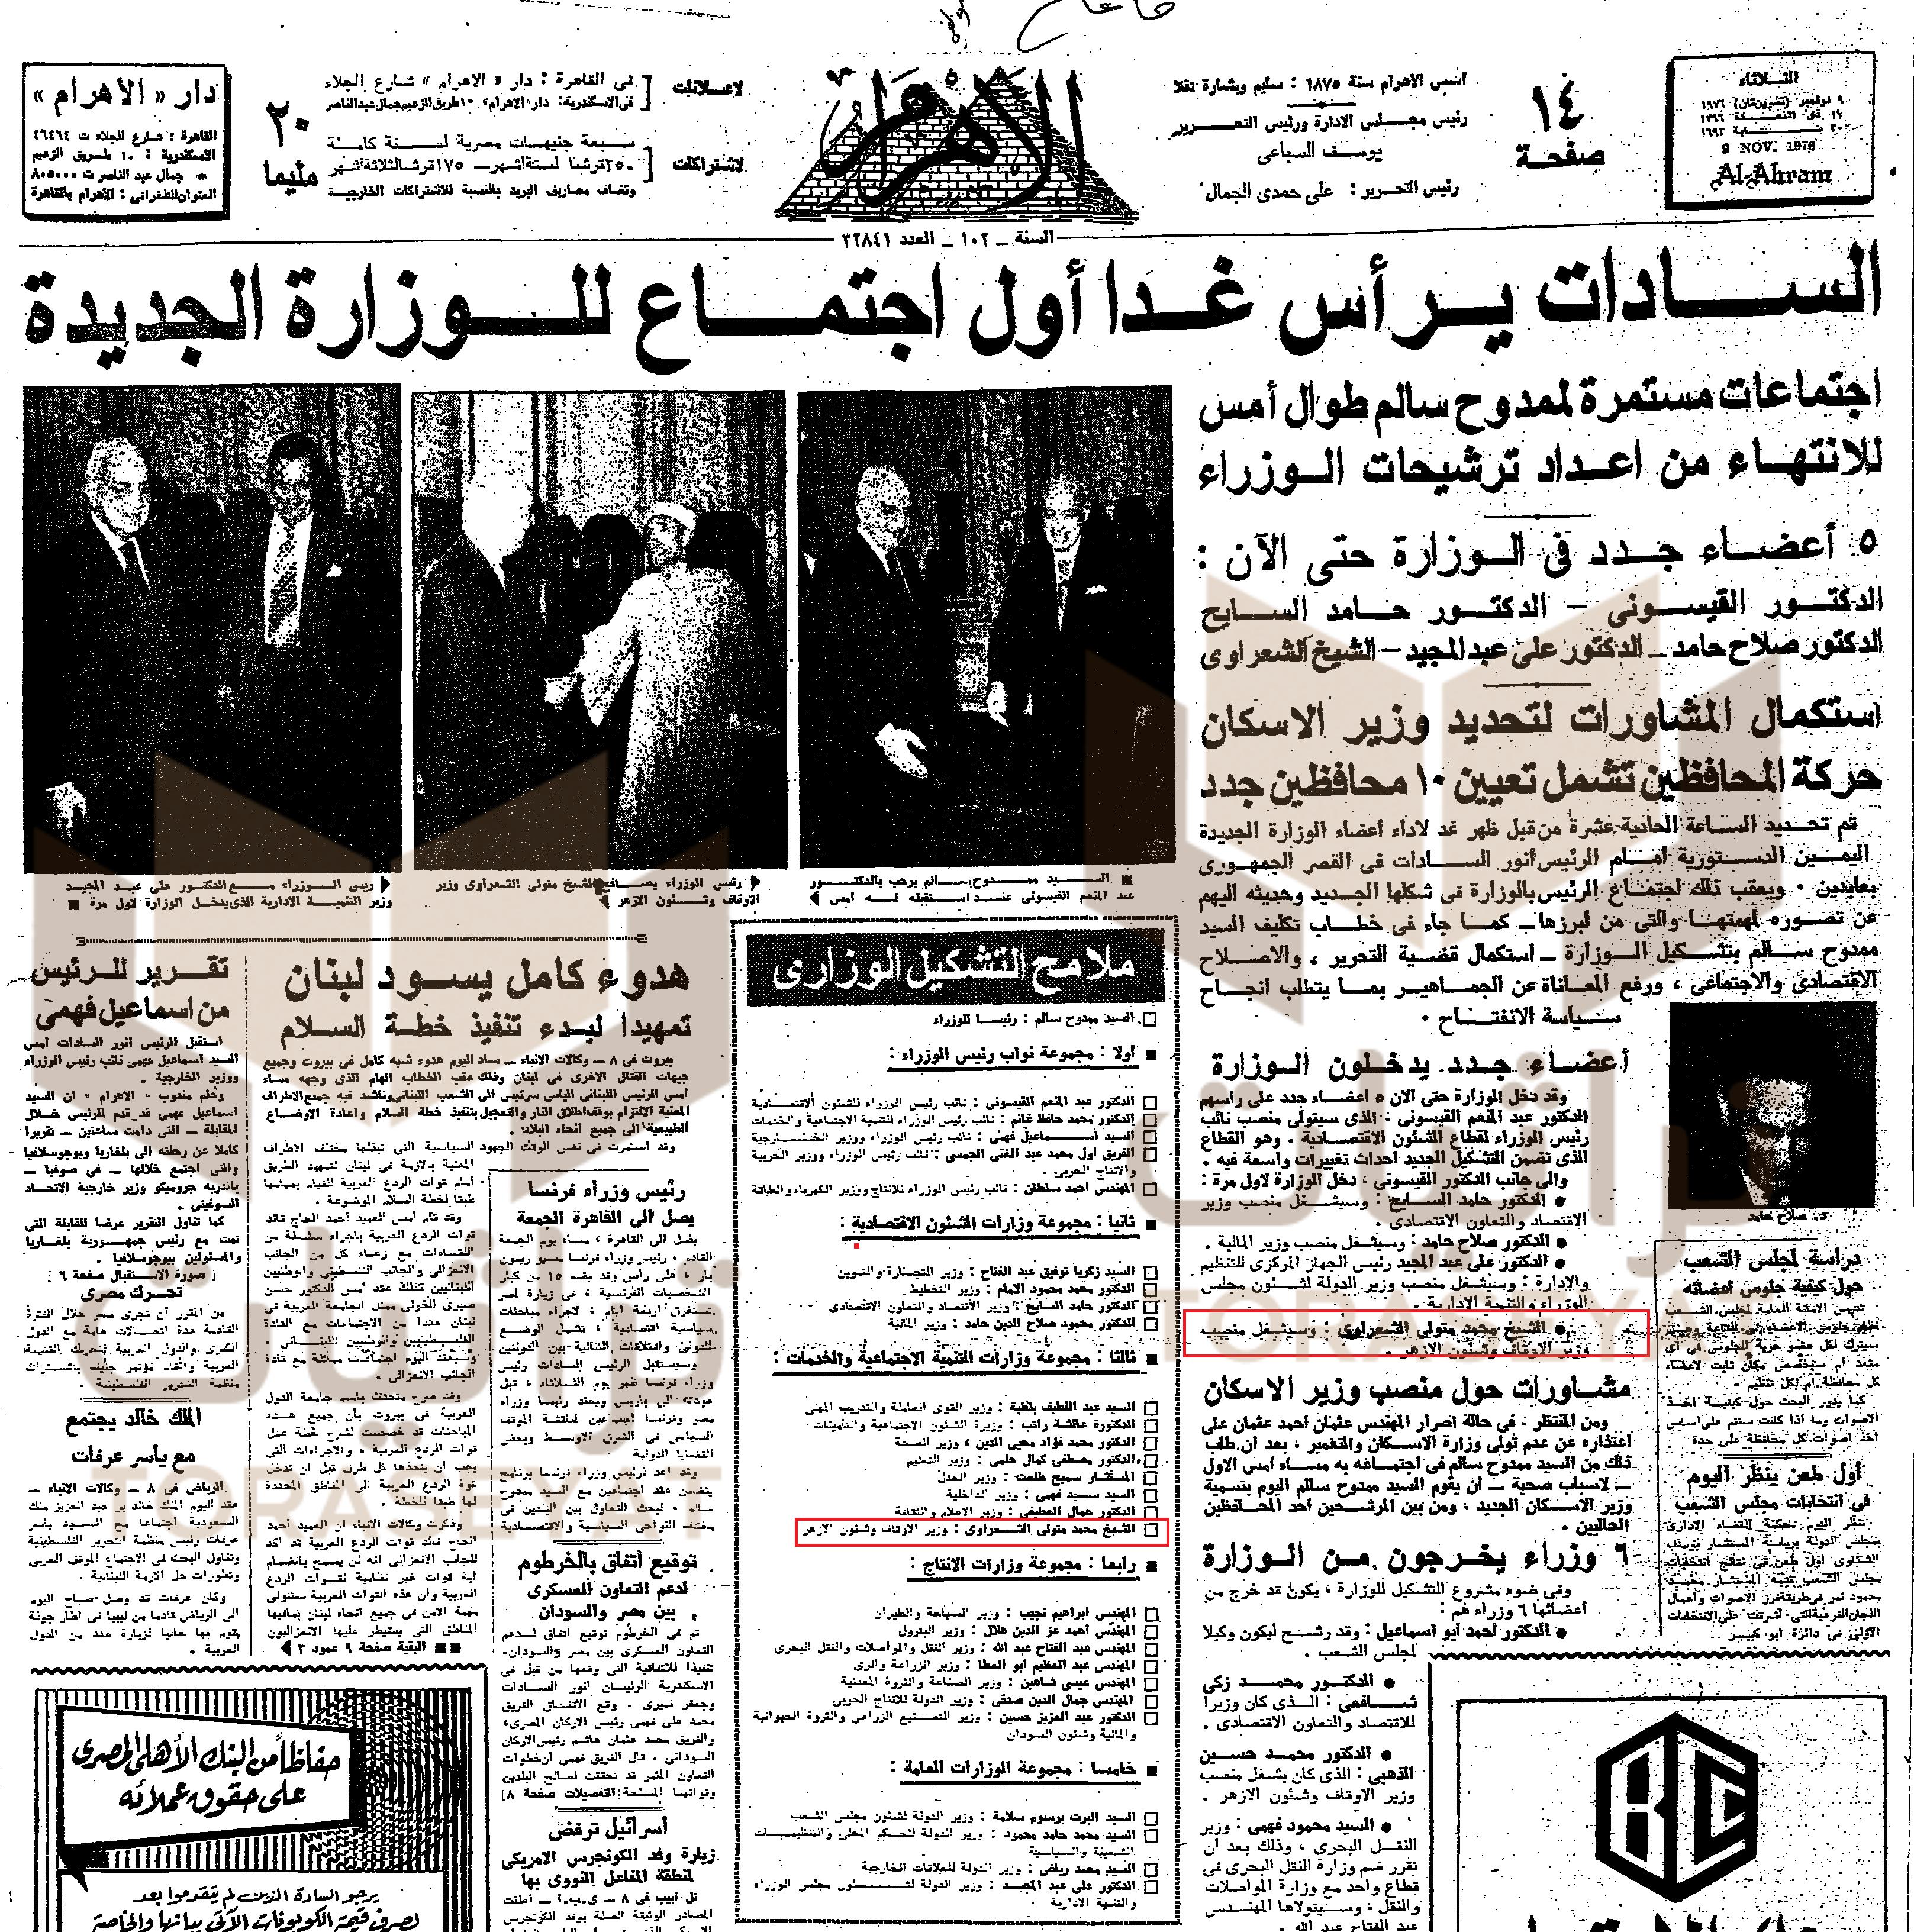 خبر تولي الشيخ الشعراوي منصب وزارة الأوقاف